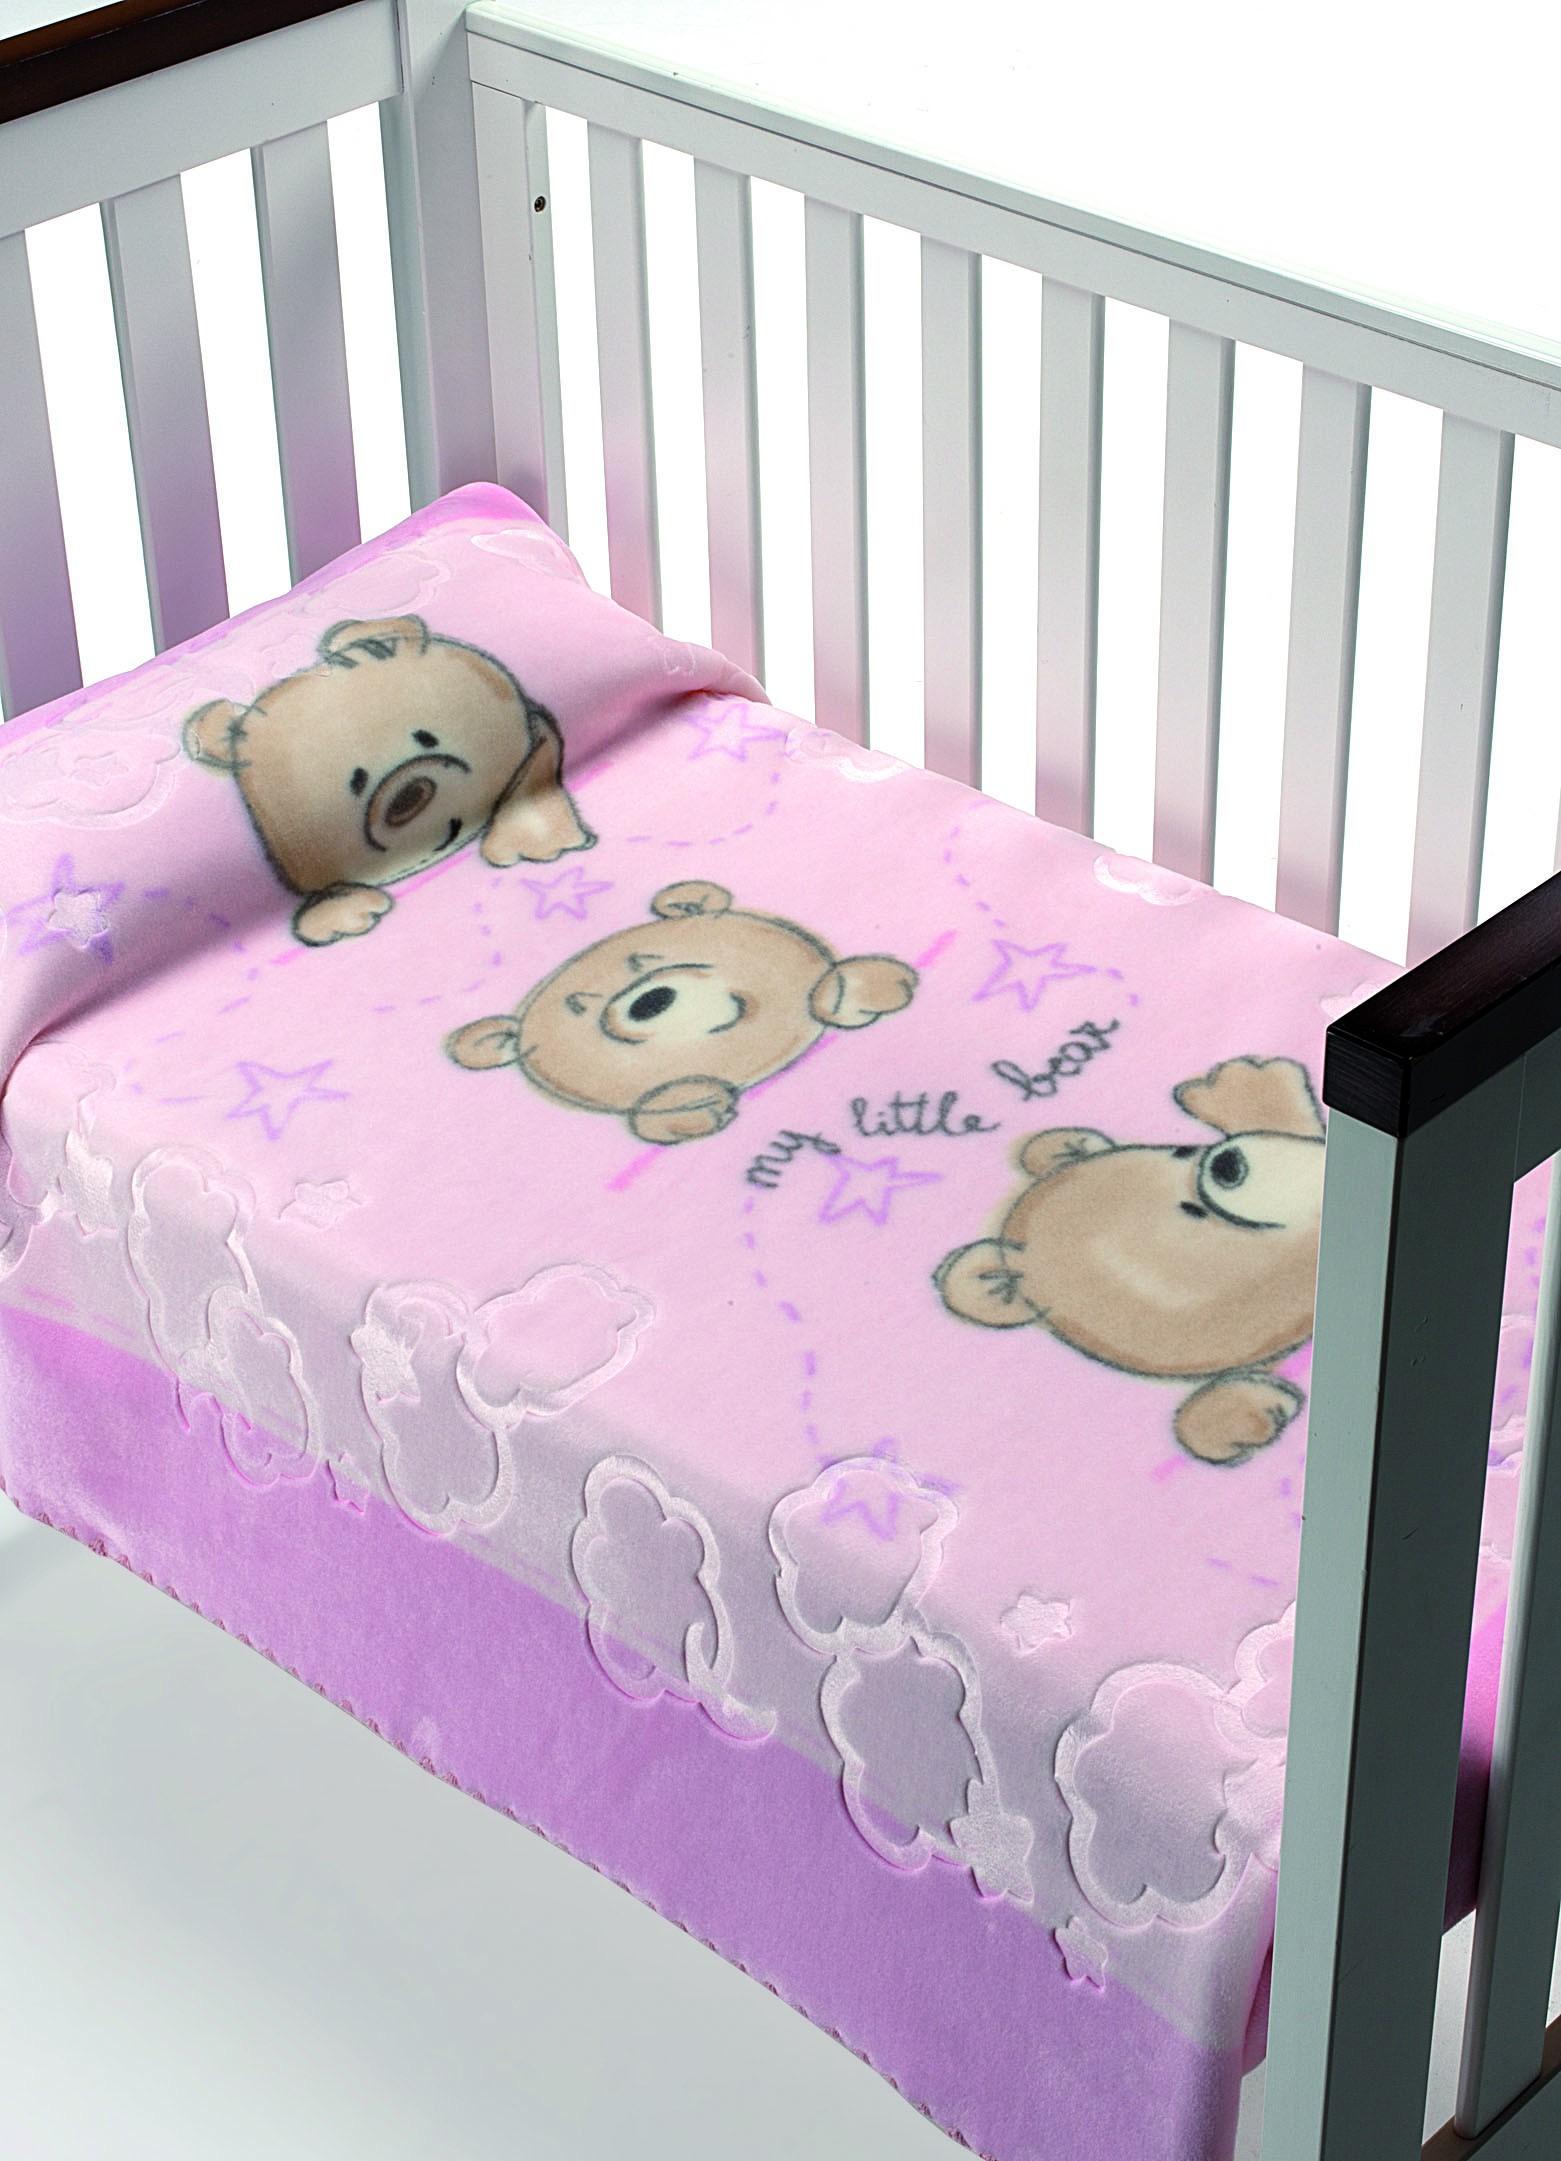 Κουβέρτα Βελουτέ Κούνιας Morven Luxury Plus 827 Ροζ